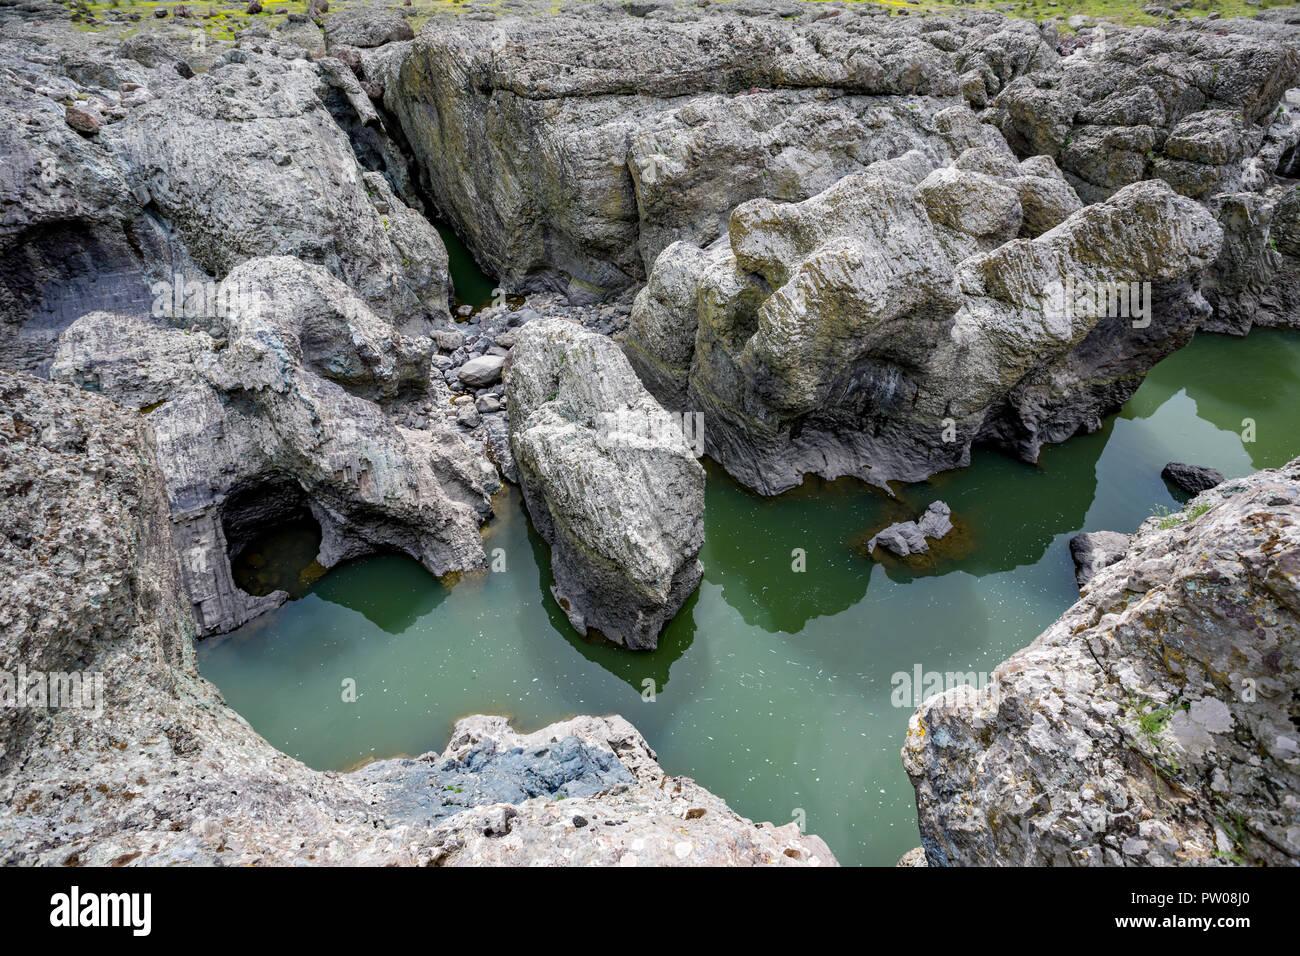 Tagsüber Frühling Blick auf Canyon natürliches Phänomen der erstaunliche Teufel in Bulgarien, auch Sheytan Dere in der Nähe von Studen Kladenetz Vorratsbehälter in den Rhodopen Gebirge bekannt. Wunderbare grüne Wasser Stockbild